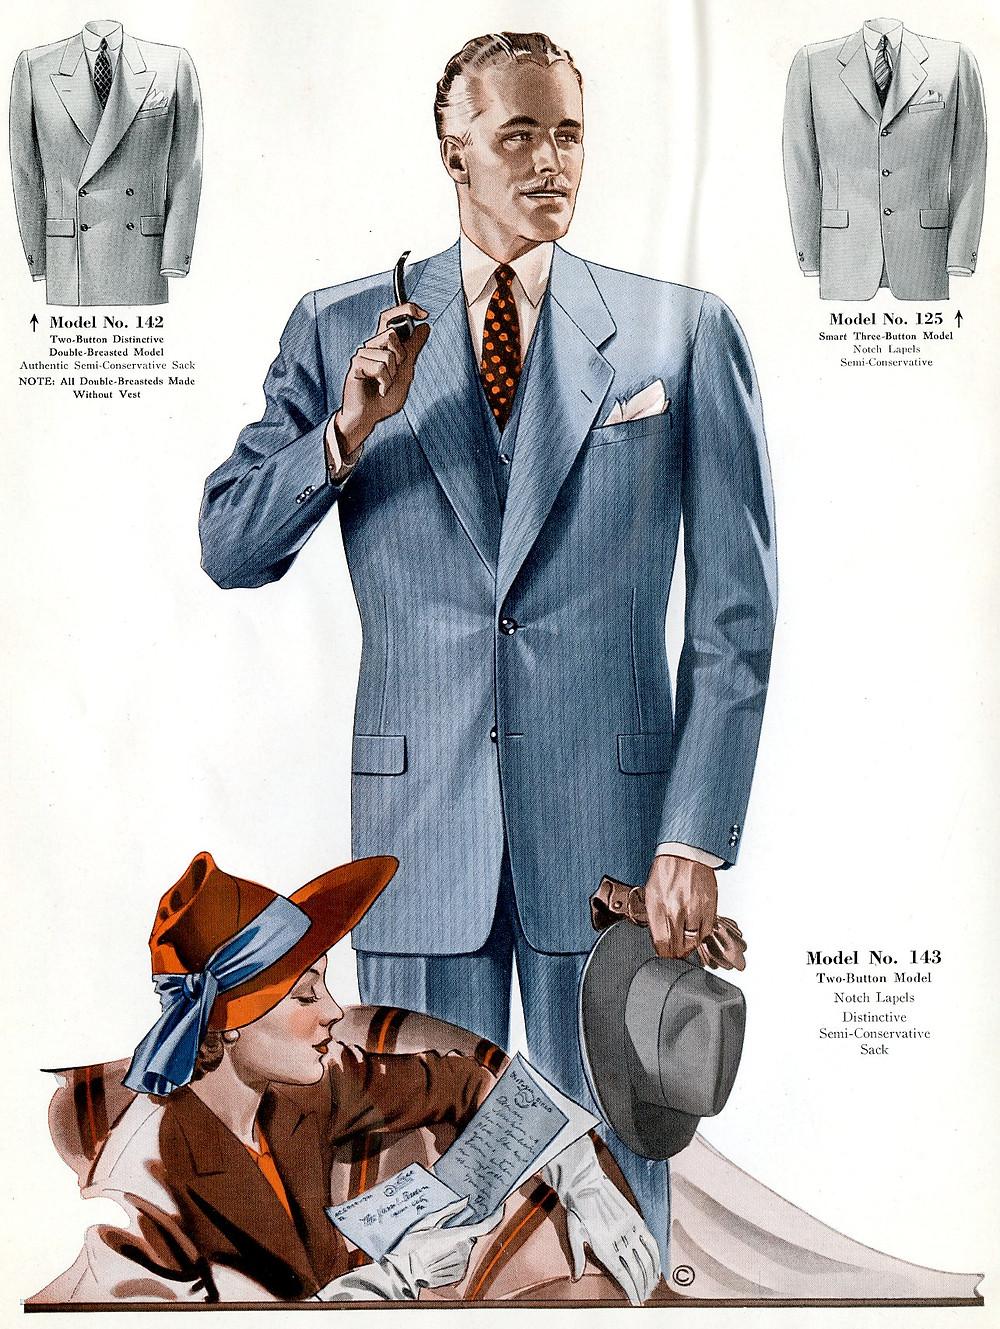 1940s fashion suit for men